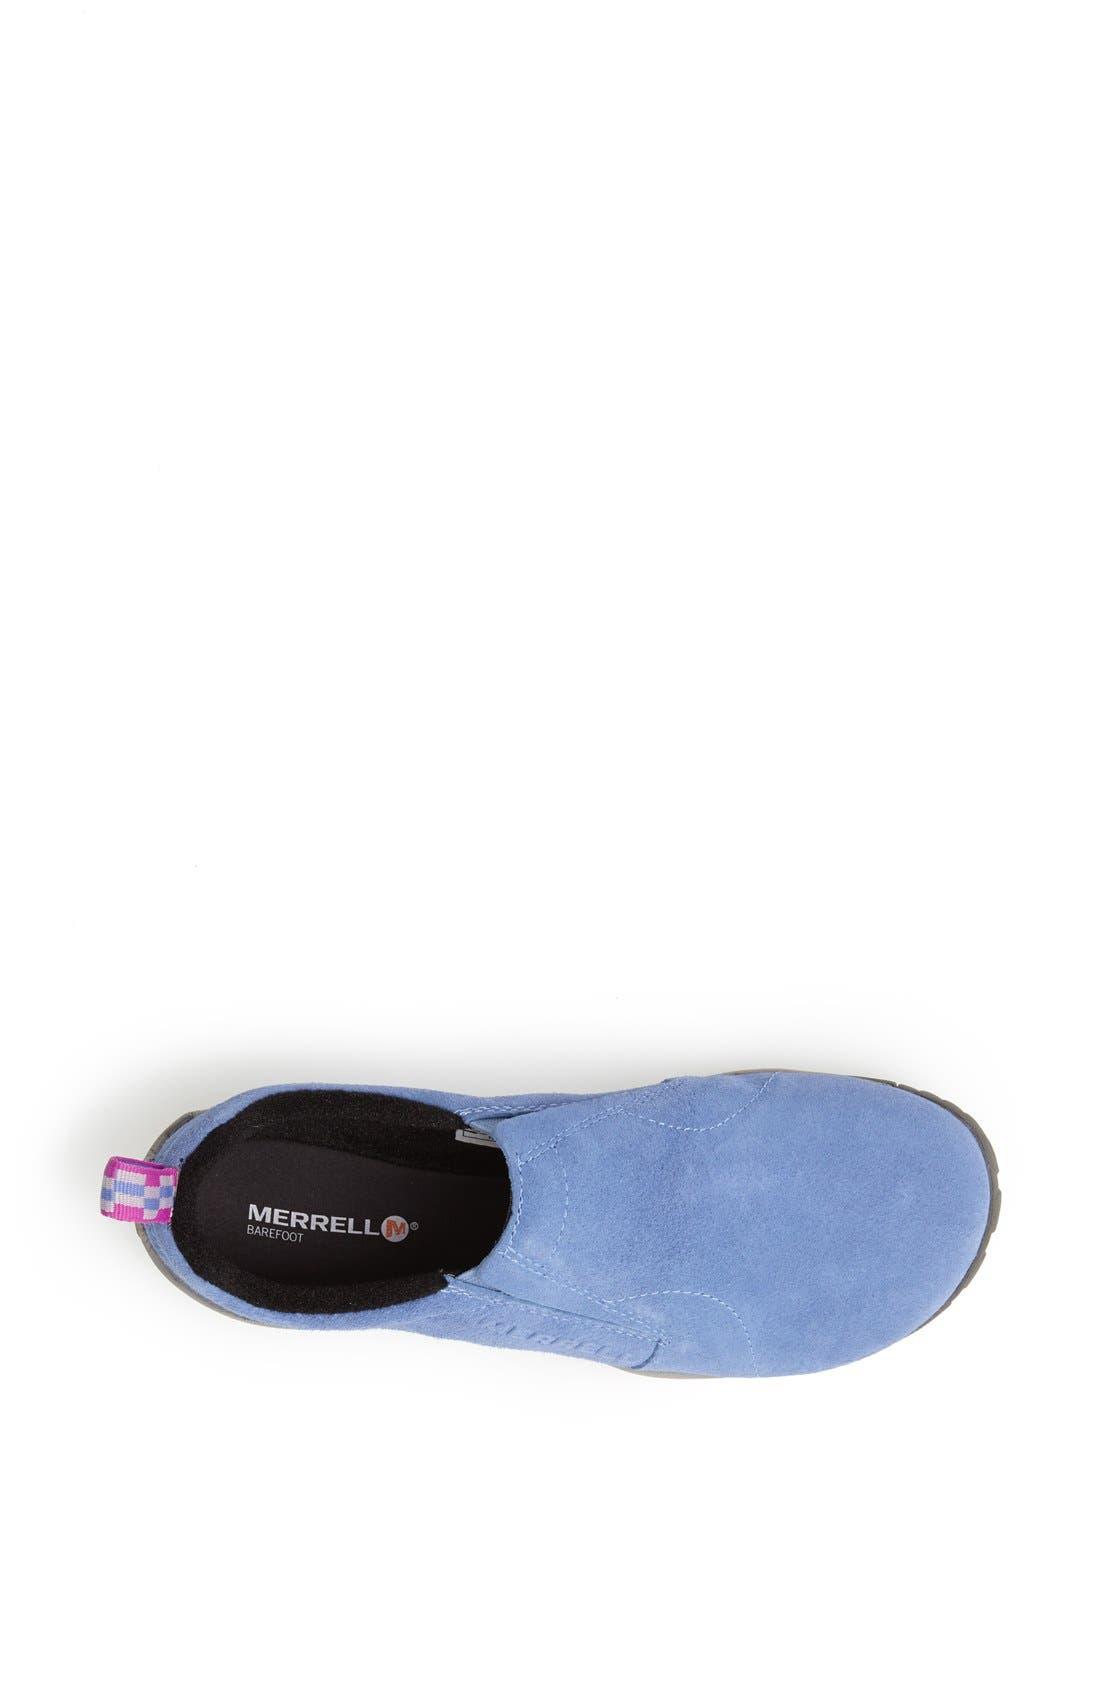 Alternate Image 3  - Merrell 'Jungle Glove' Sneaker (Women)